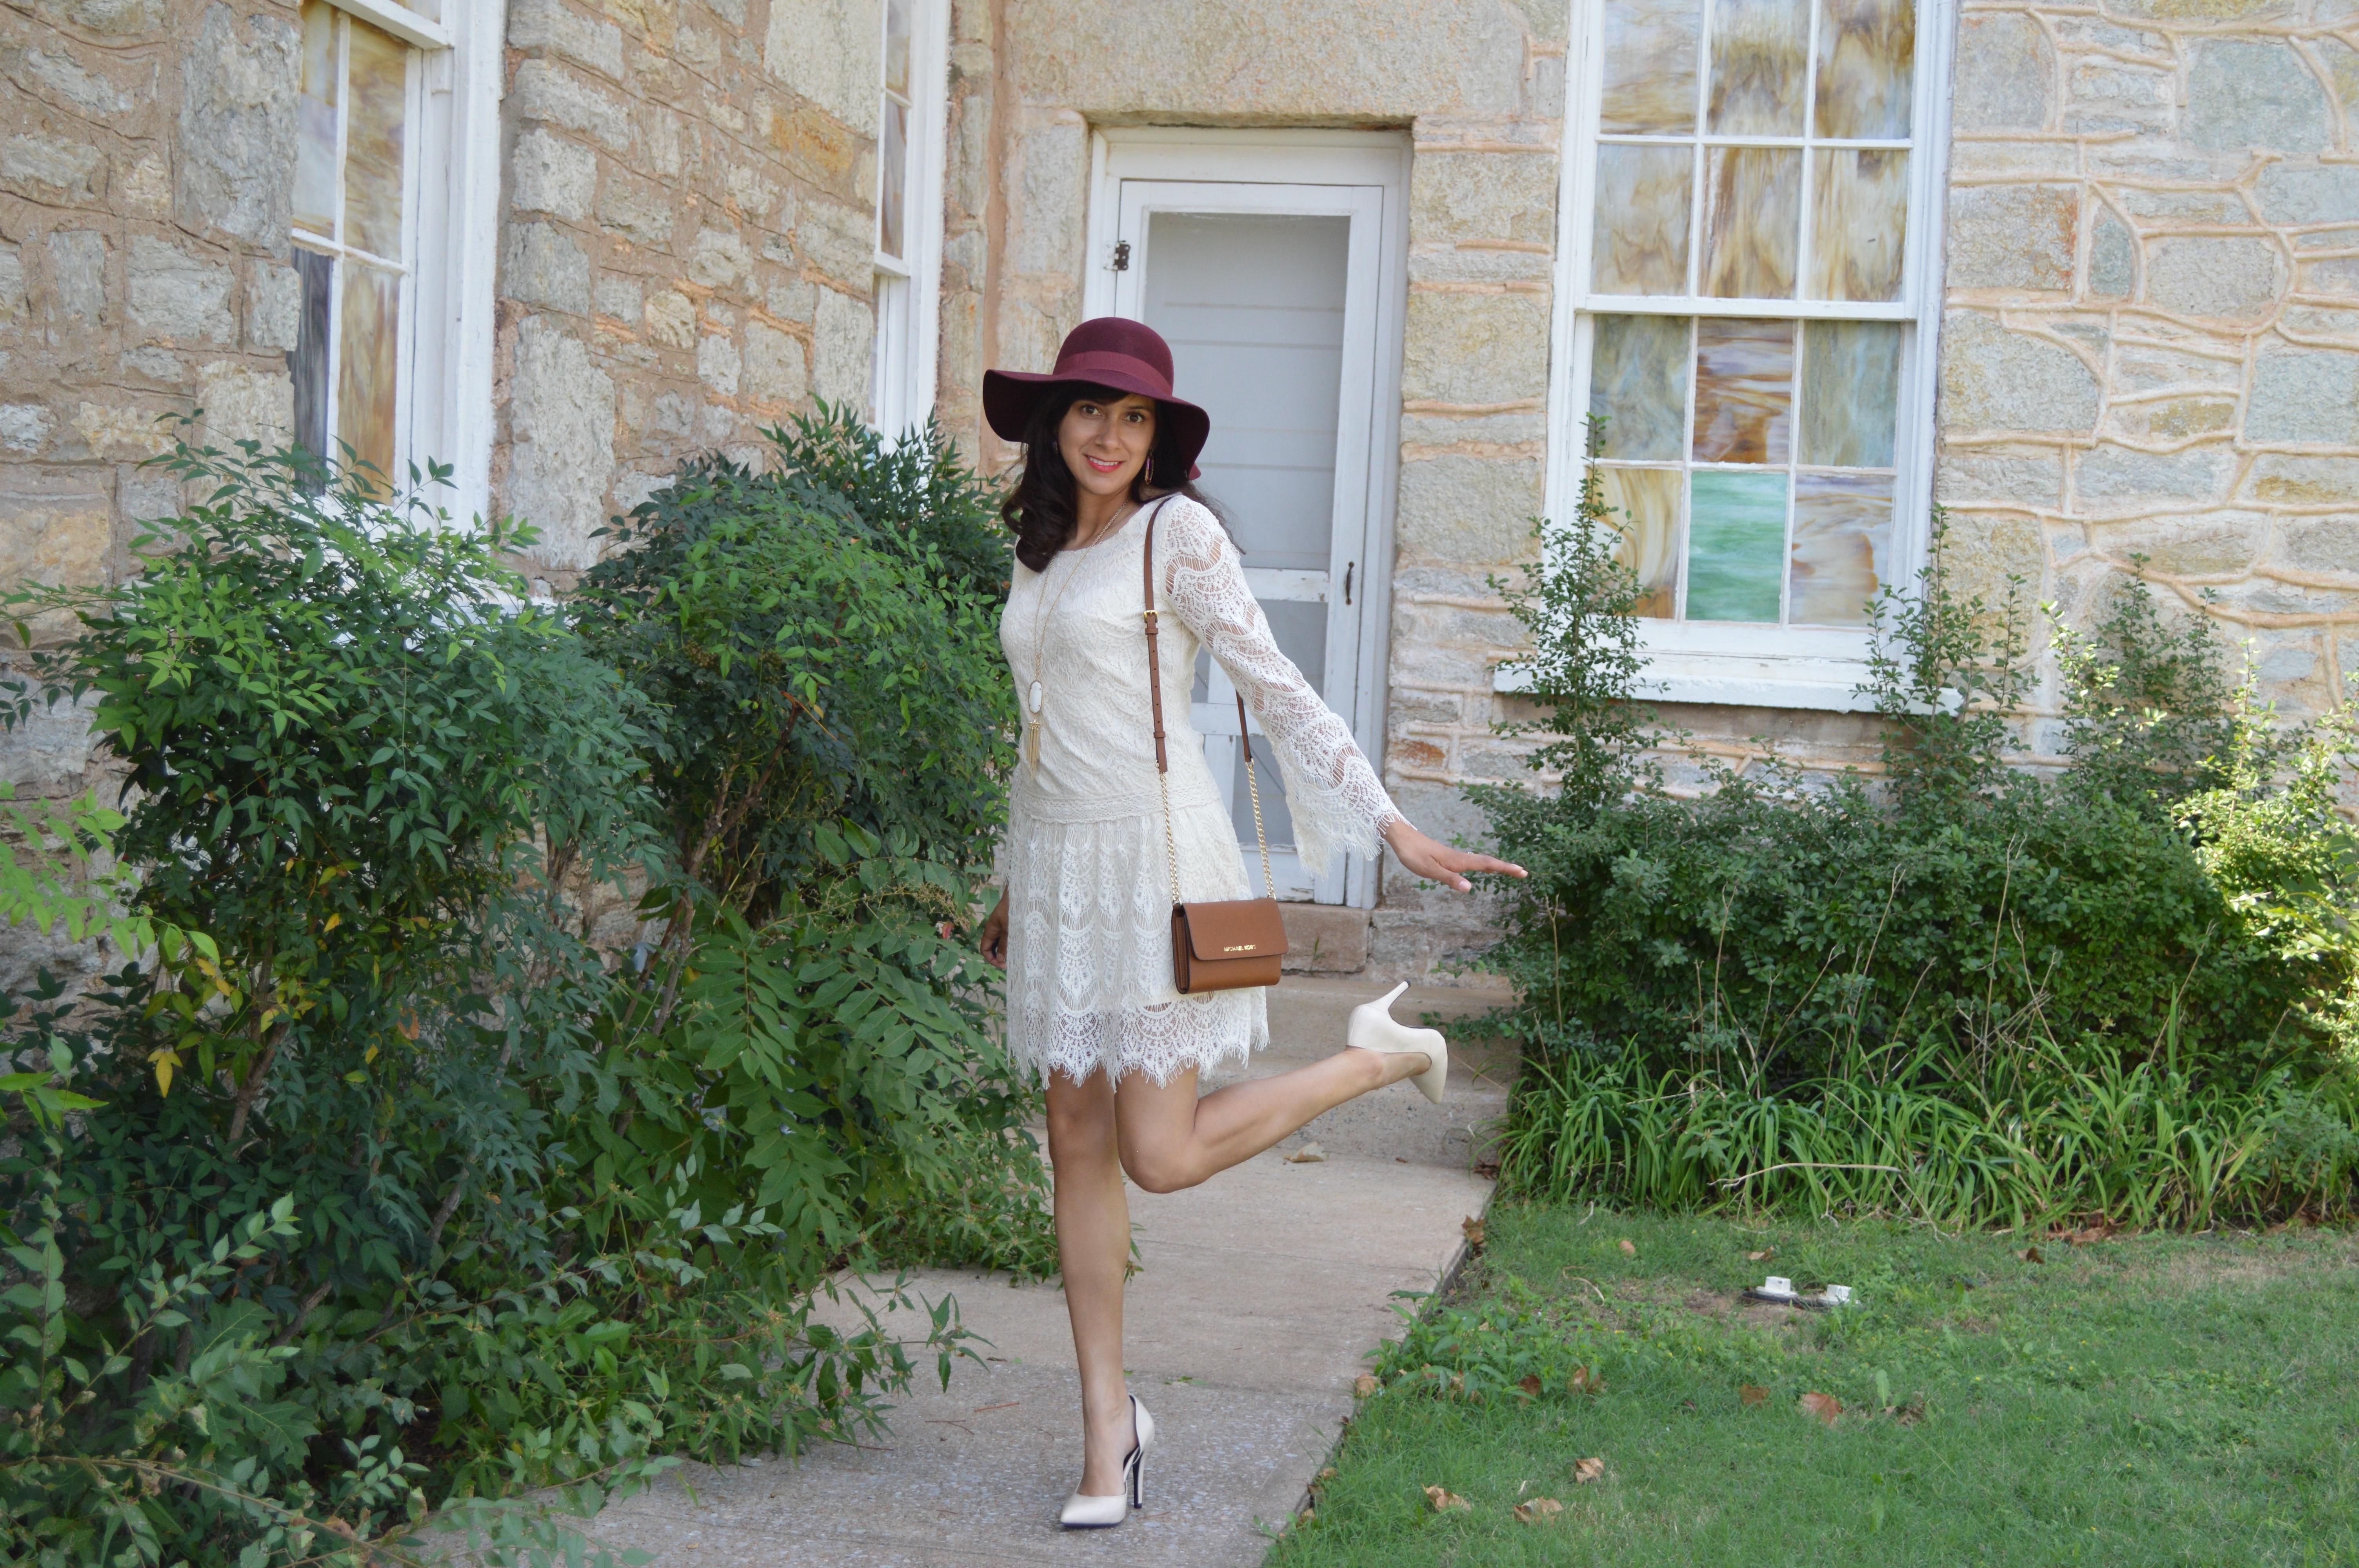 Lace Dress on a Romantic Sunday <3  September 27, 2015